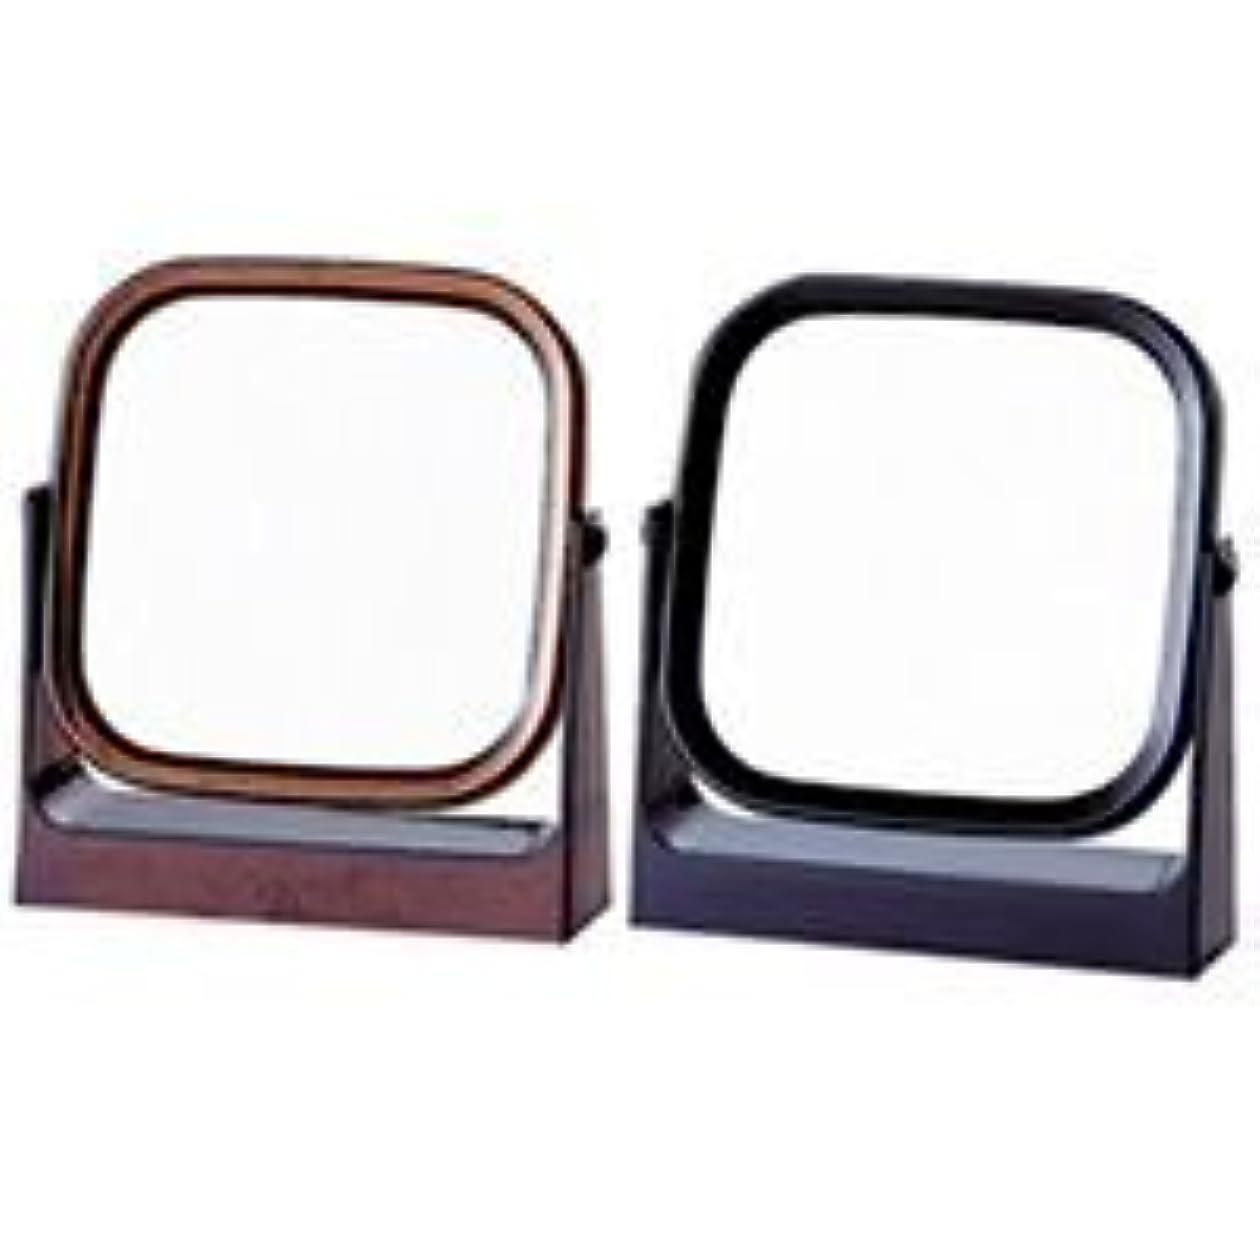 スタンドミラー ヤマムラ 卓上ミラー [鏡] レディ角型 ブラック